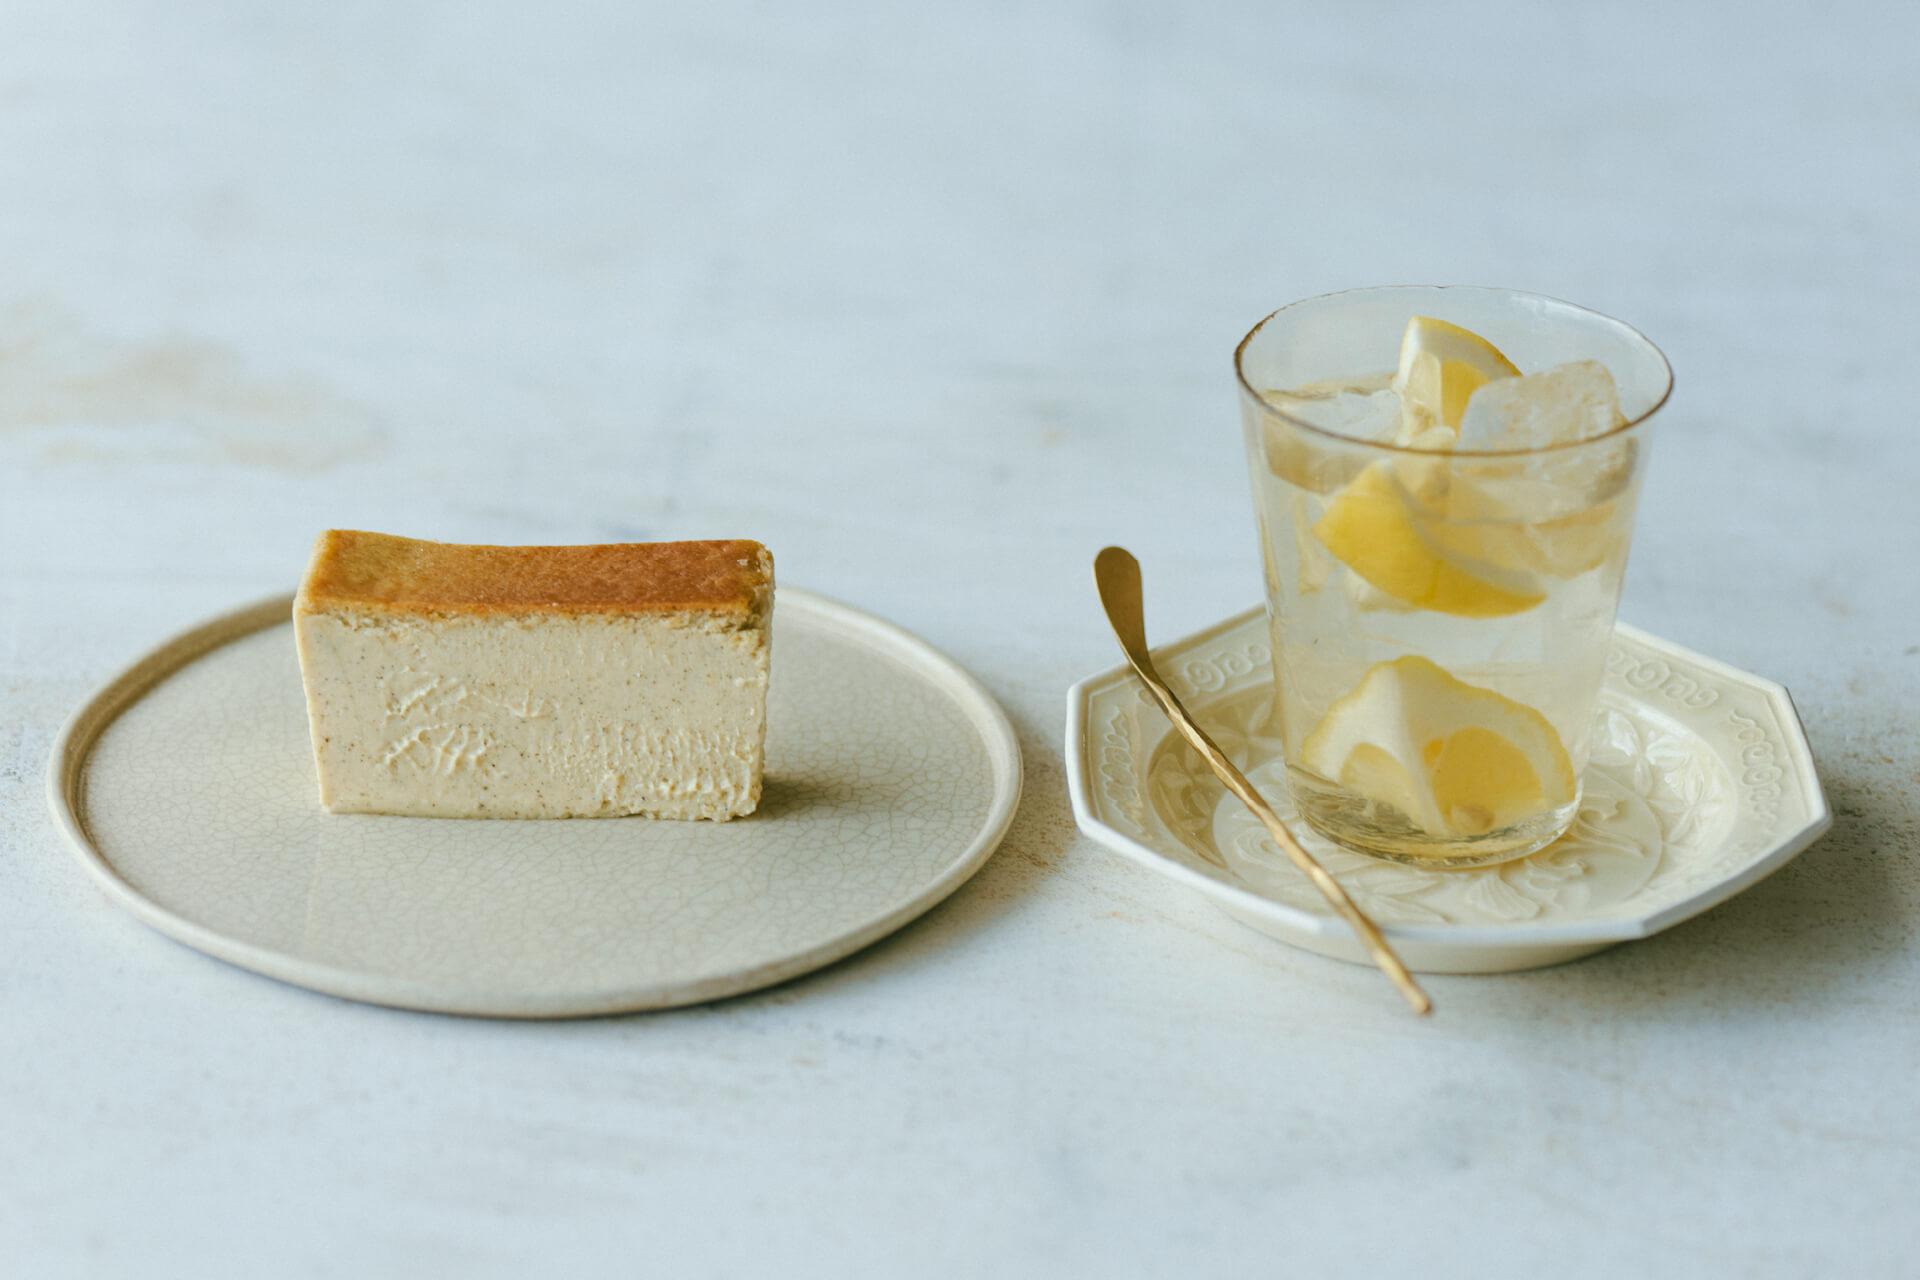 Mr. CHEESECAKEの初夏限定フレーバー「Mr. CHEESECAKE Royal Jasmine」が2日間限定で発売決定! gourmet210609_mrcheesecake_3